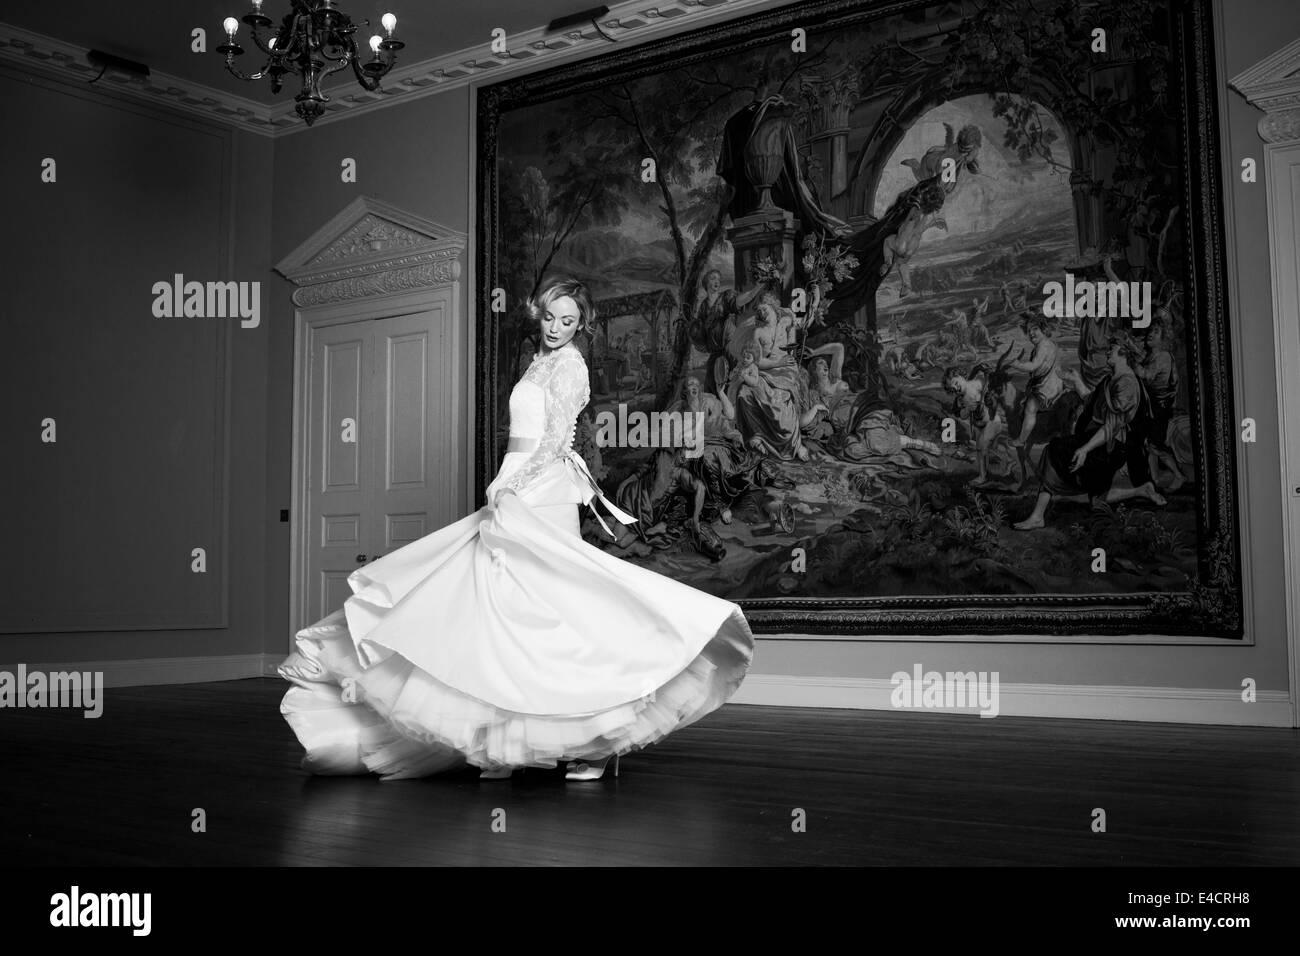 Hochzeitsvorbereitungen, Braut tanzen gegen alte Gemälde, Dorset, England Stockbild